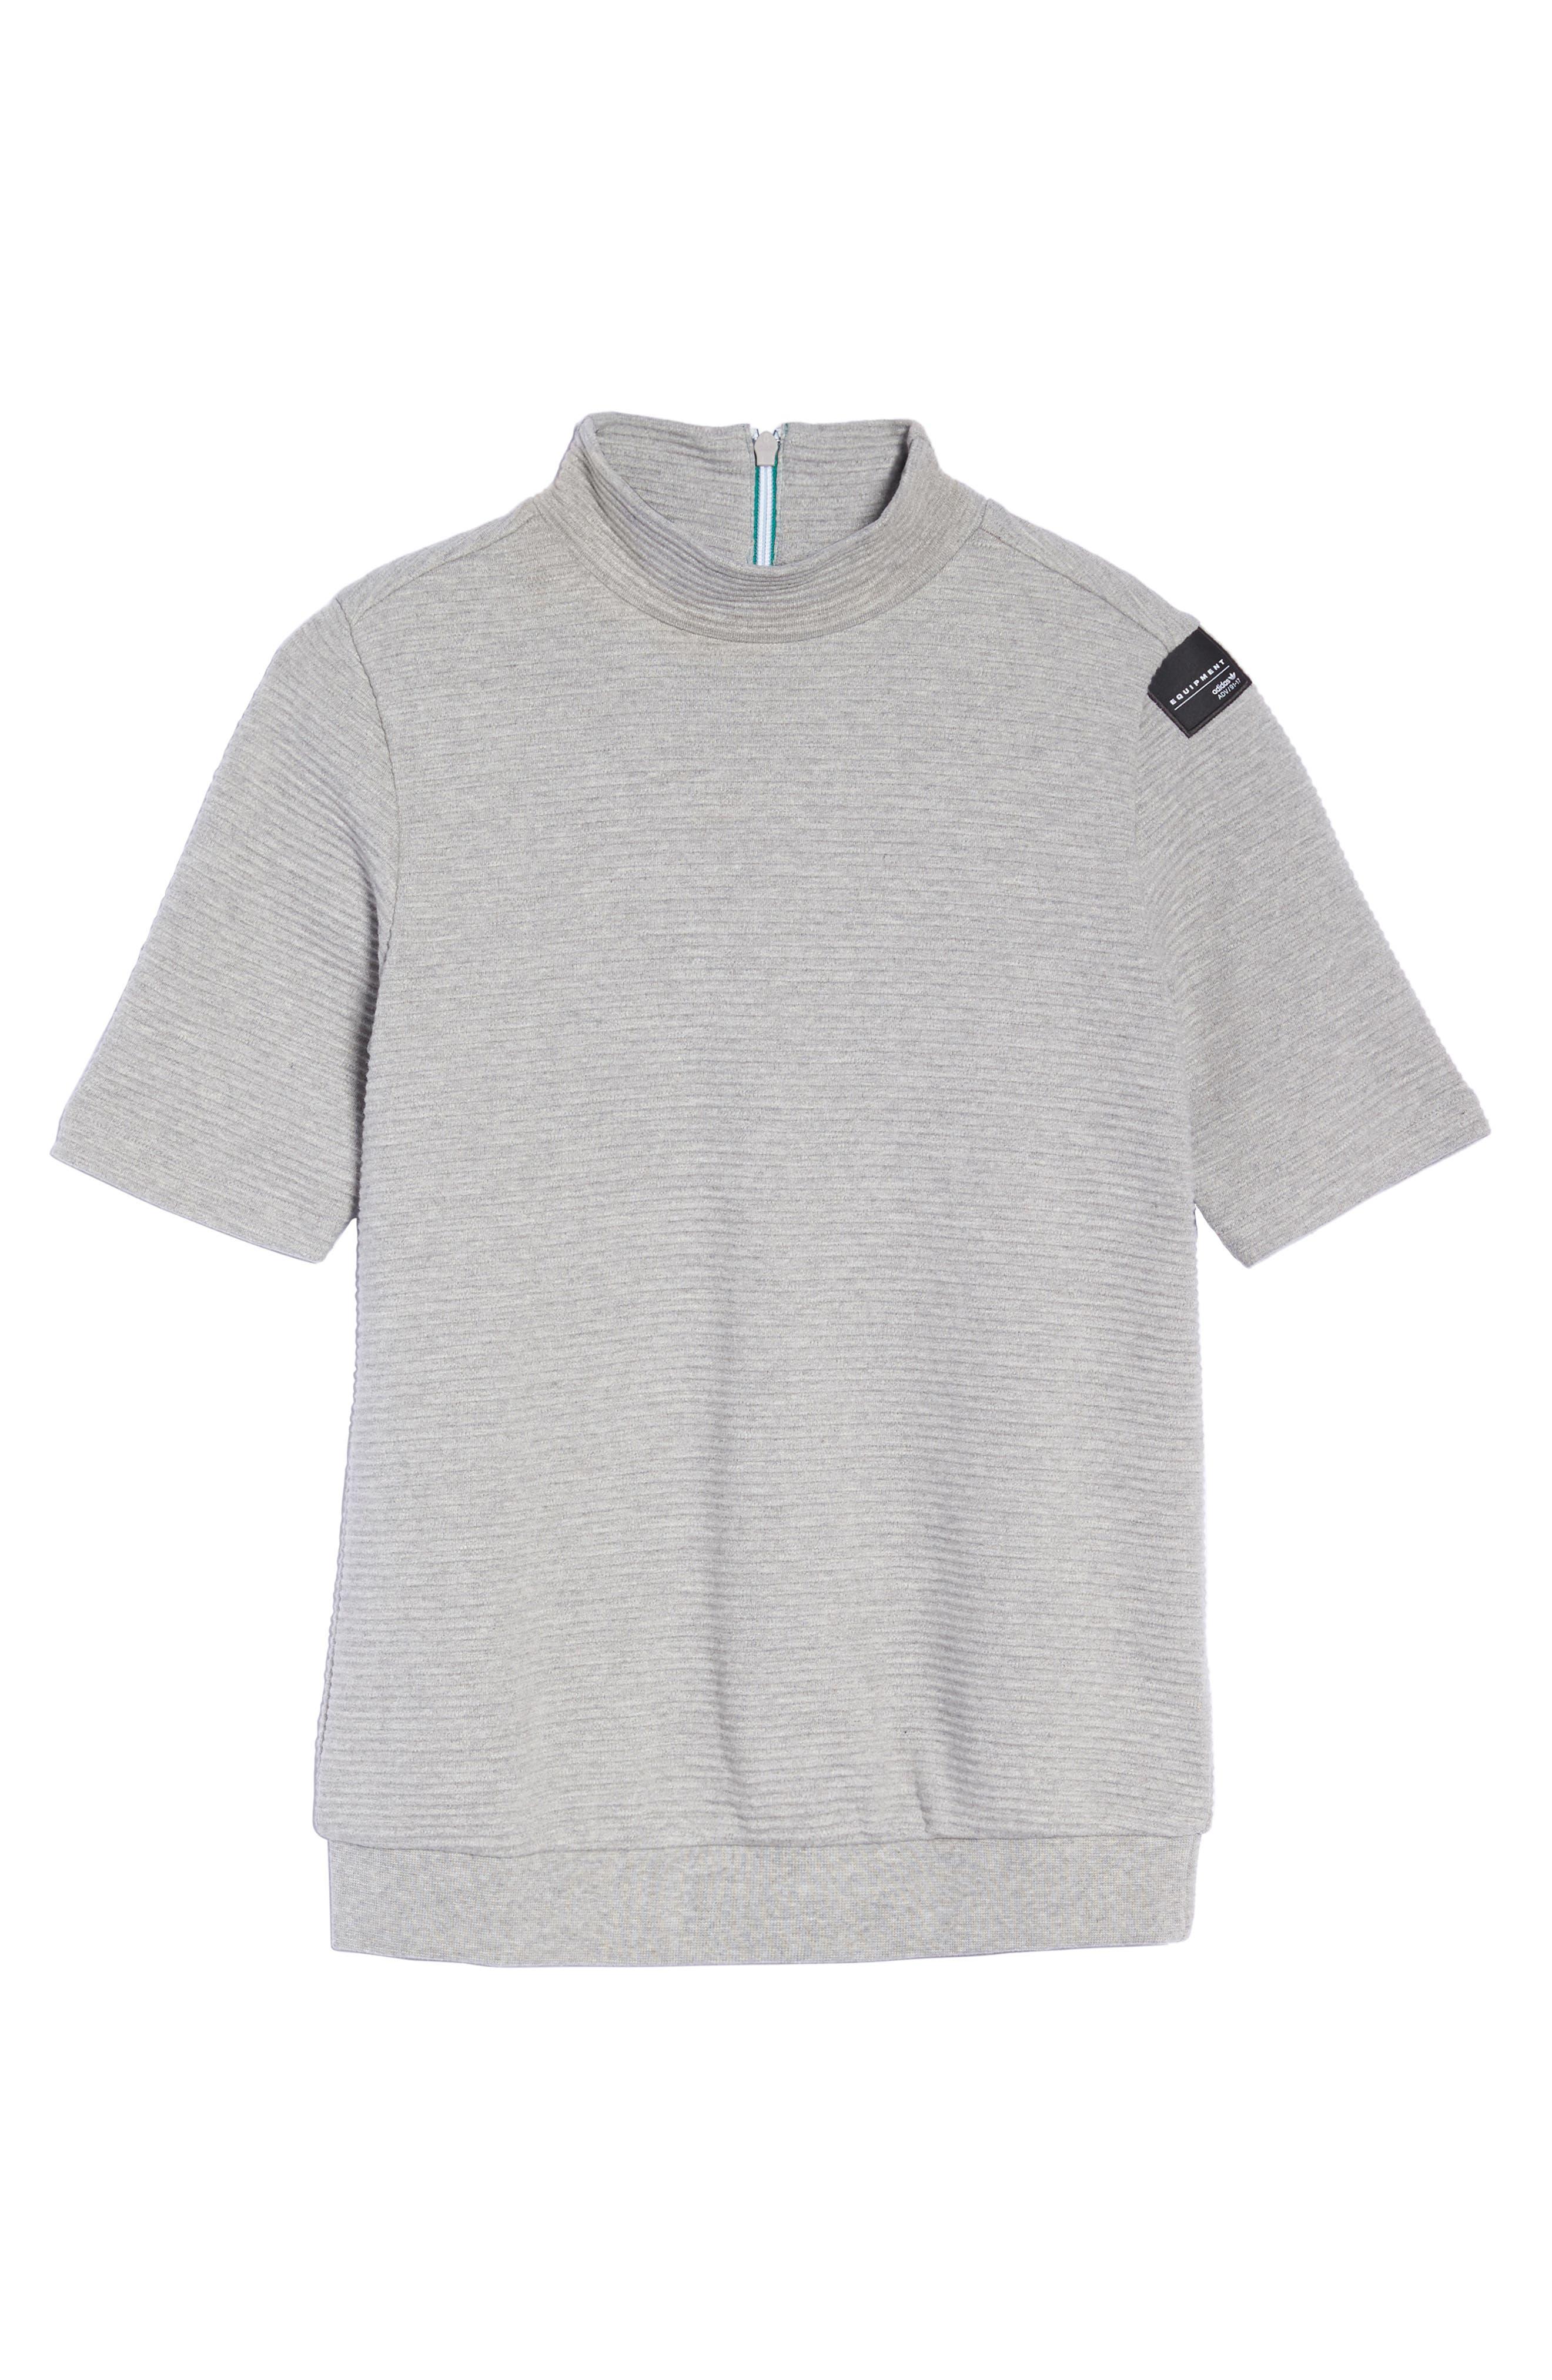 Originals EQT Sweatshirt,                             Alternate thumbnail 7, color,